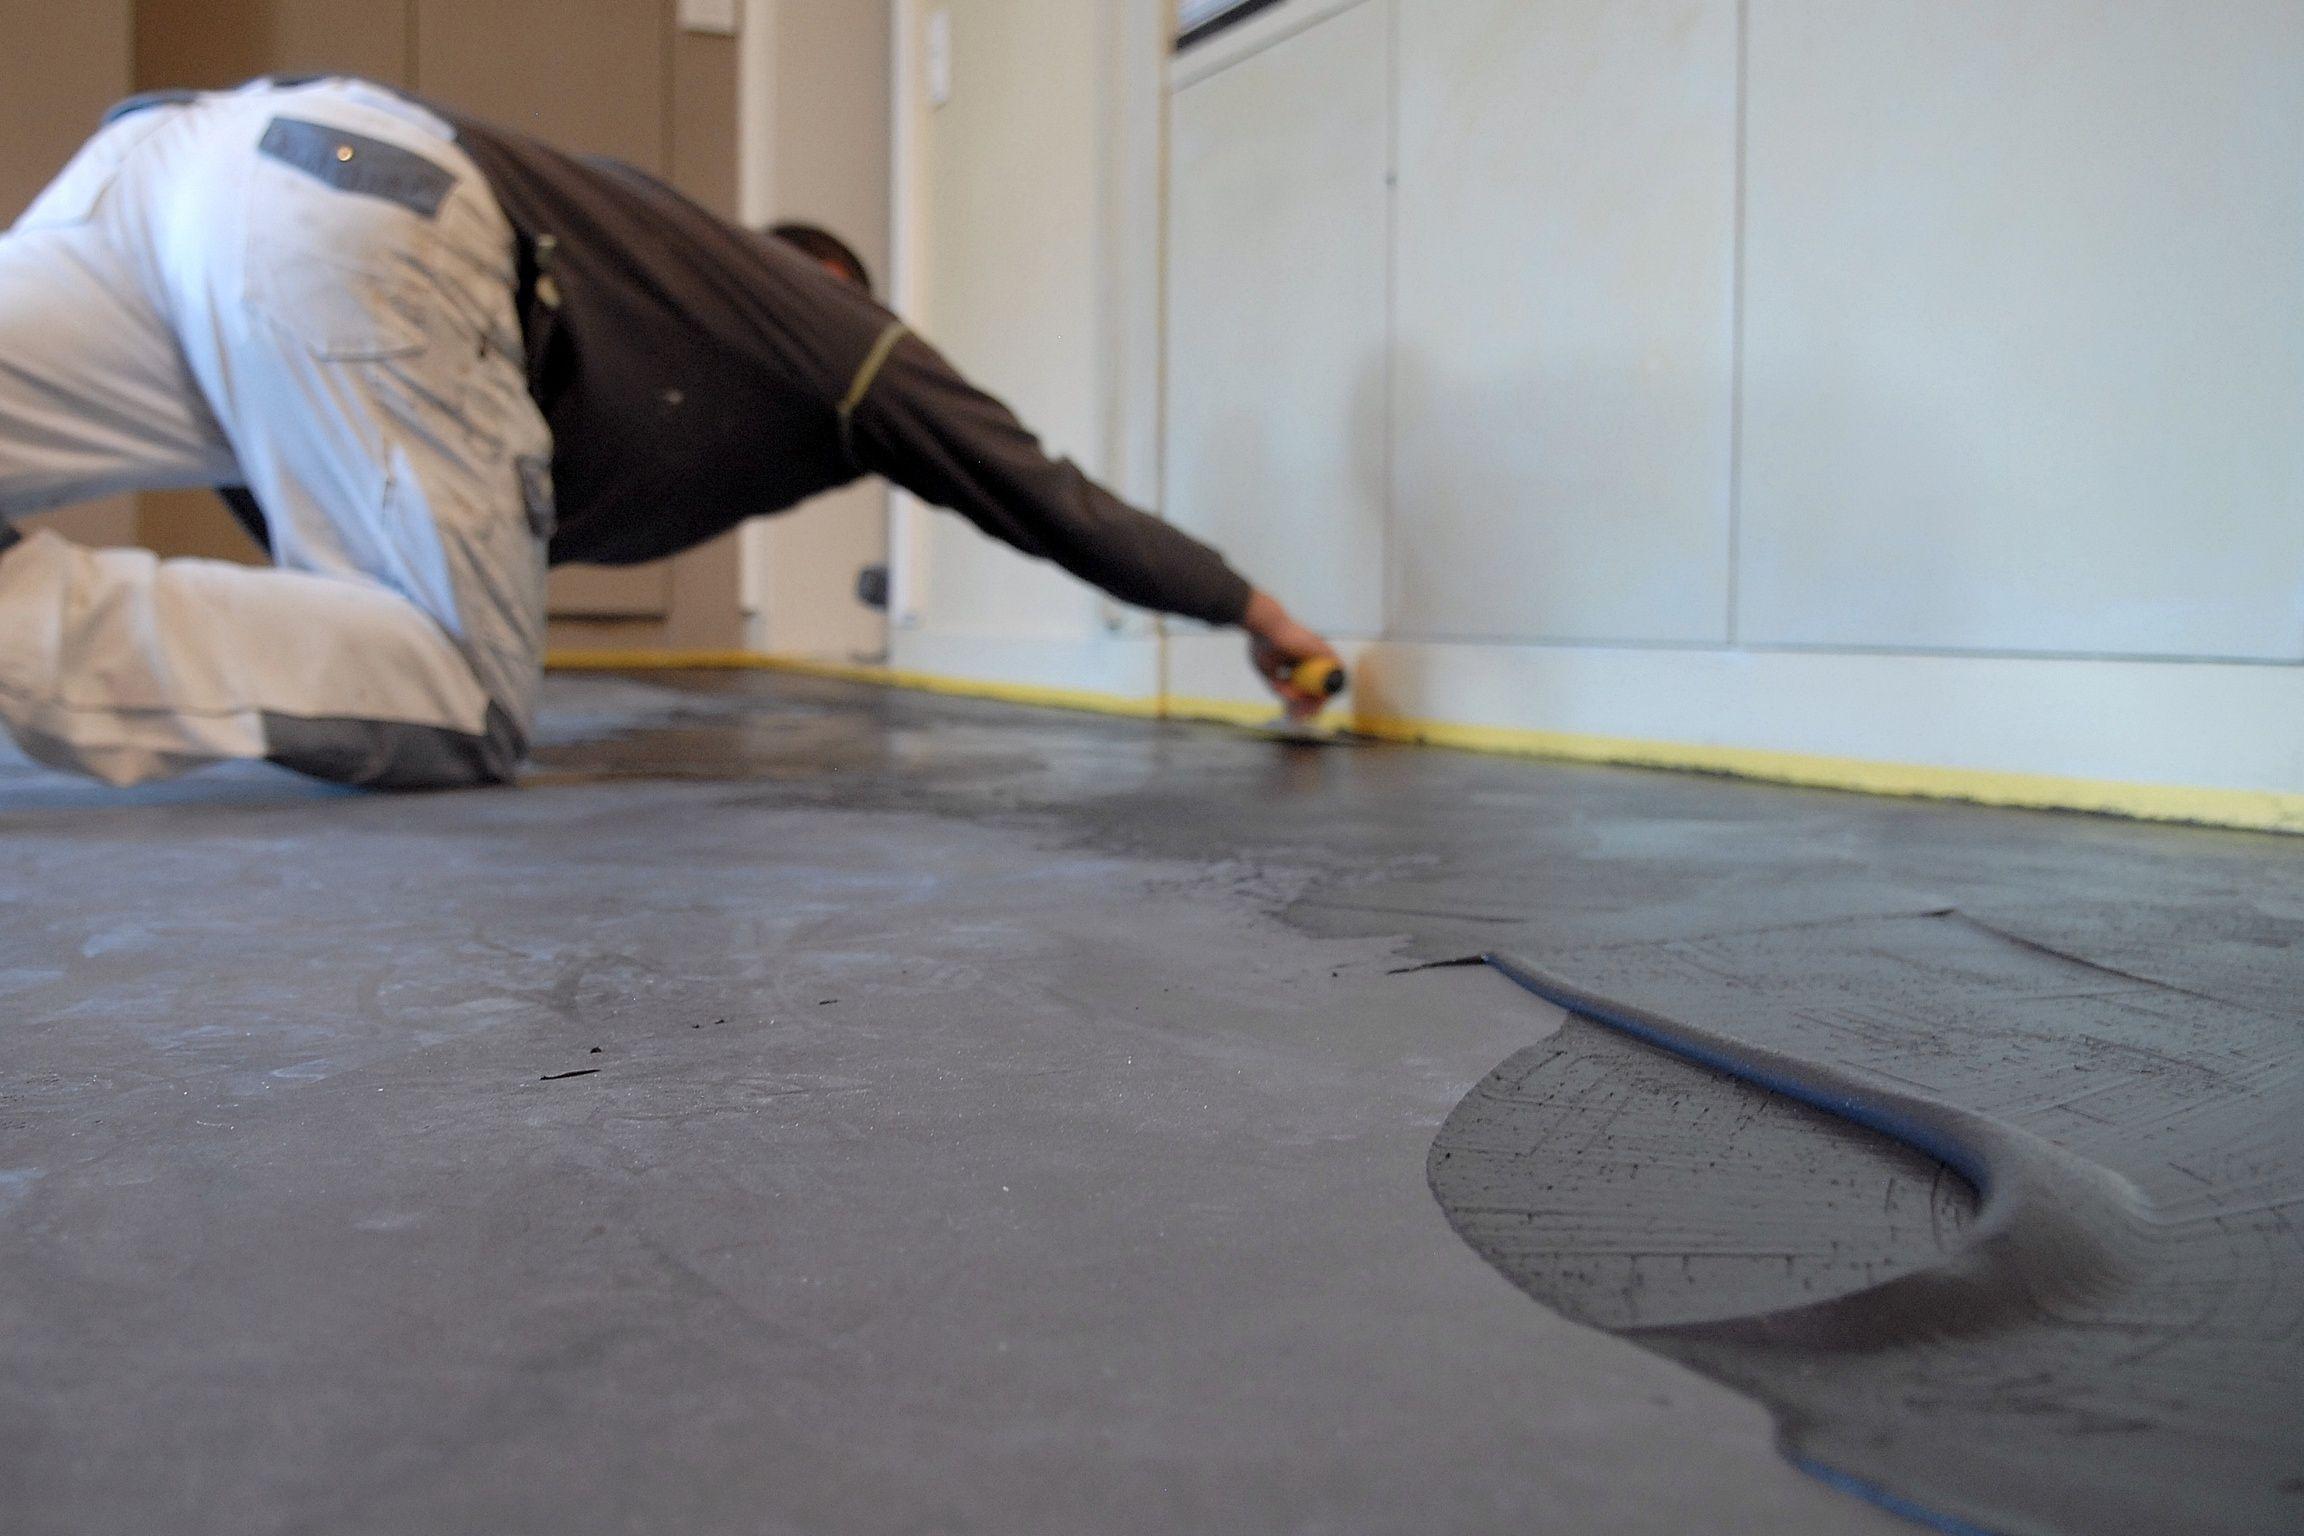 Betonlook Vloer Goedkoop : Betonlook looks van een gietvloer het is een stukadoorstechniek